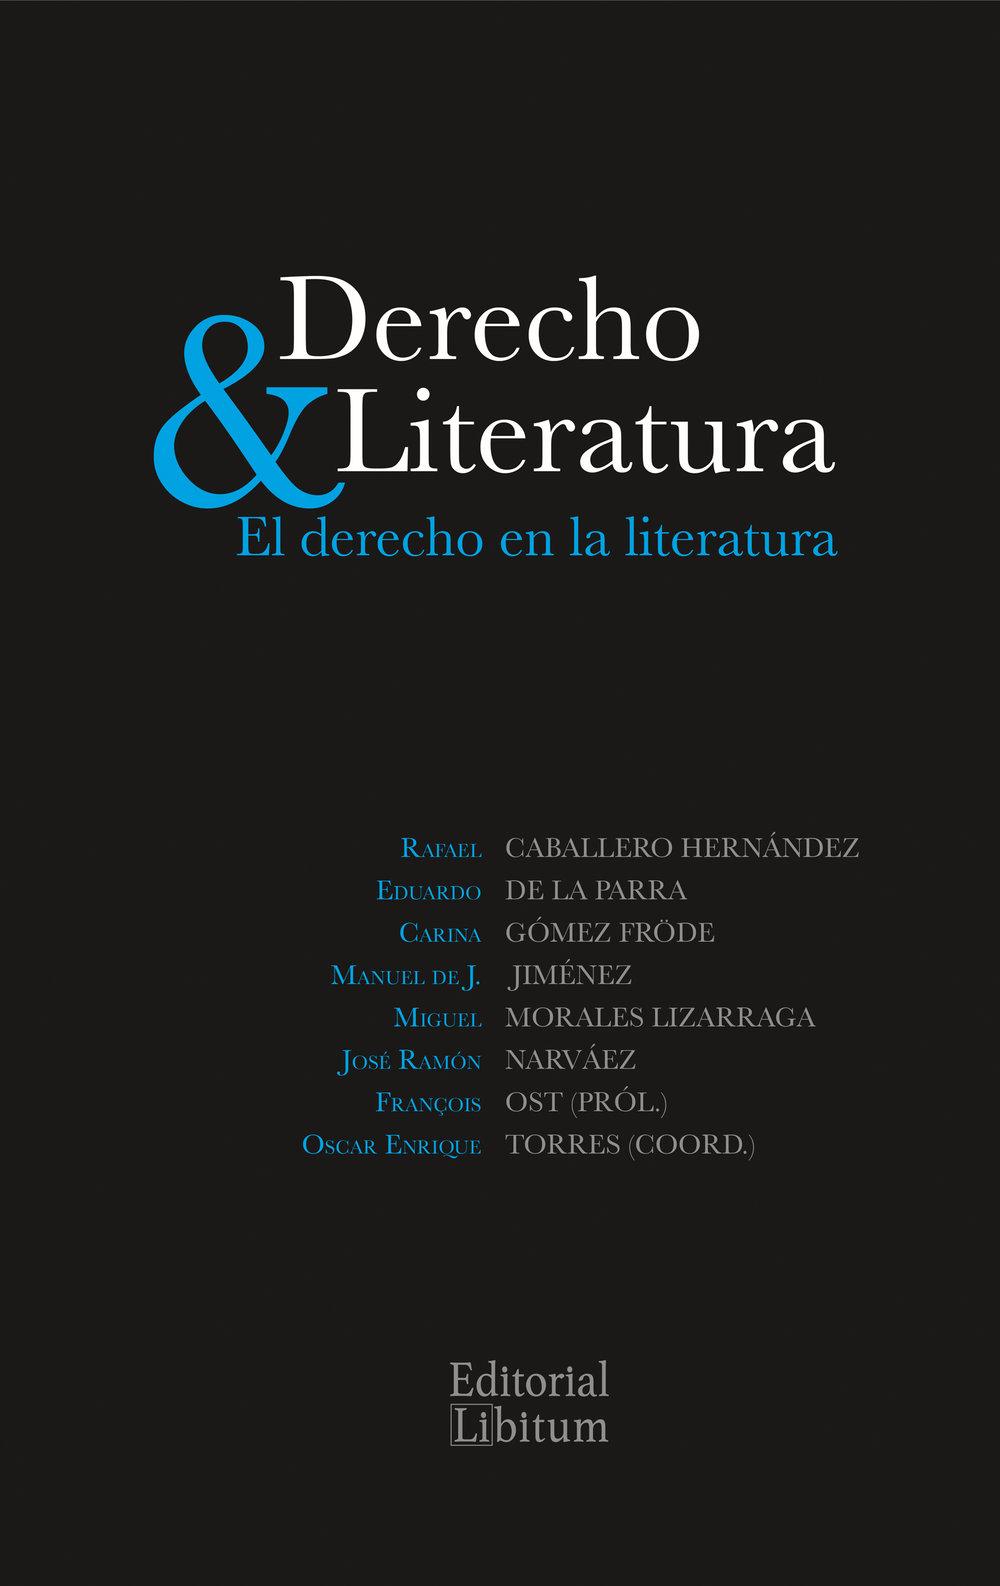 Editorial Libitum — Derecho y literatura. El derecho en la literatura